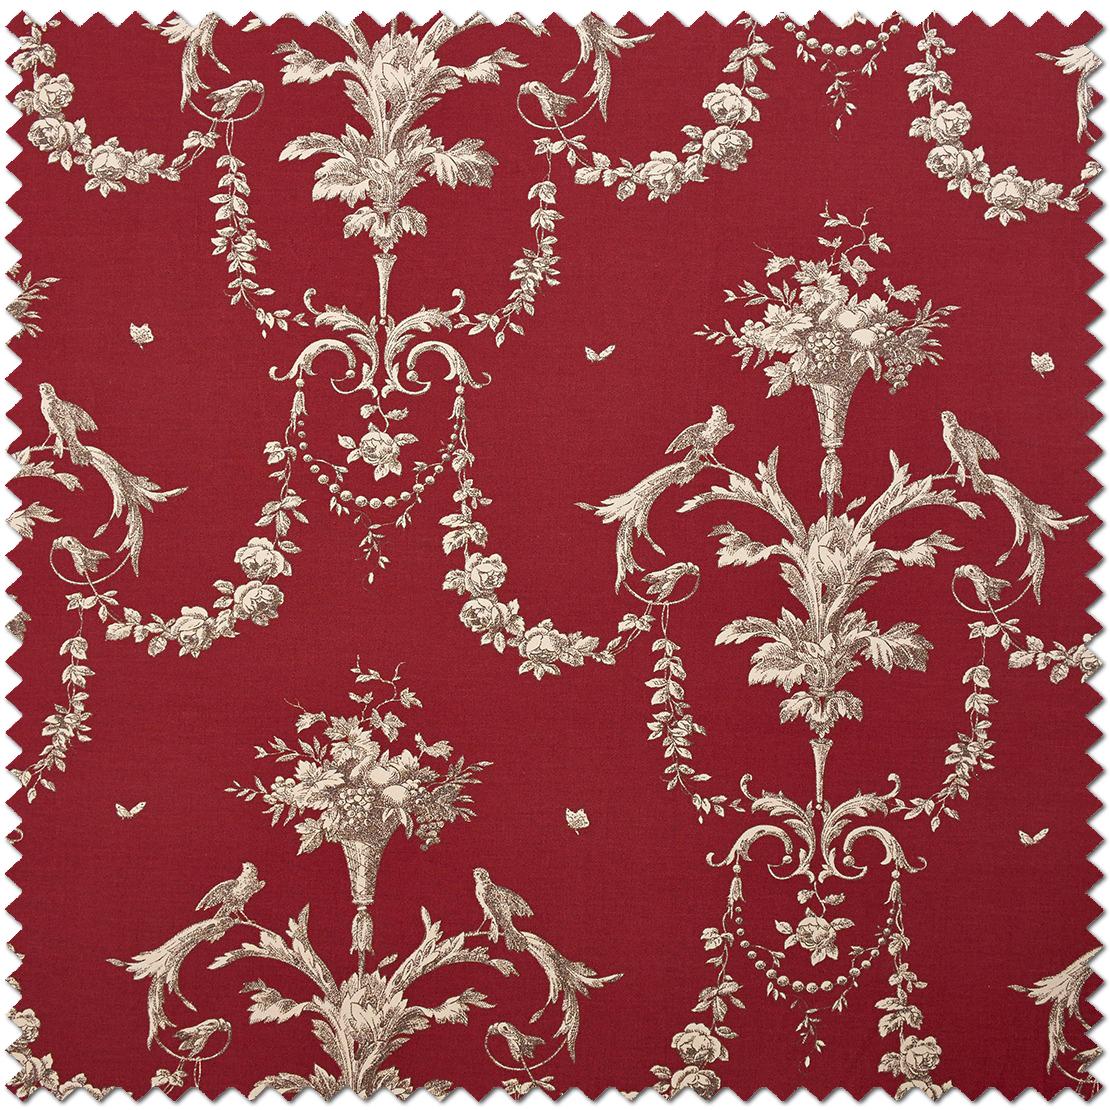 Tissu Corne d'abondance rouge - Collection Chantilly de Casadéco